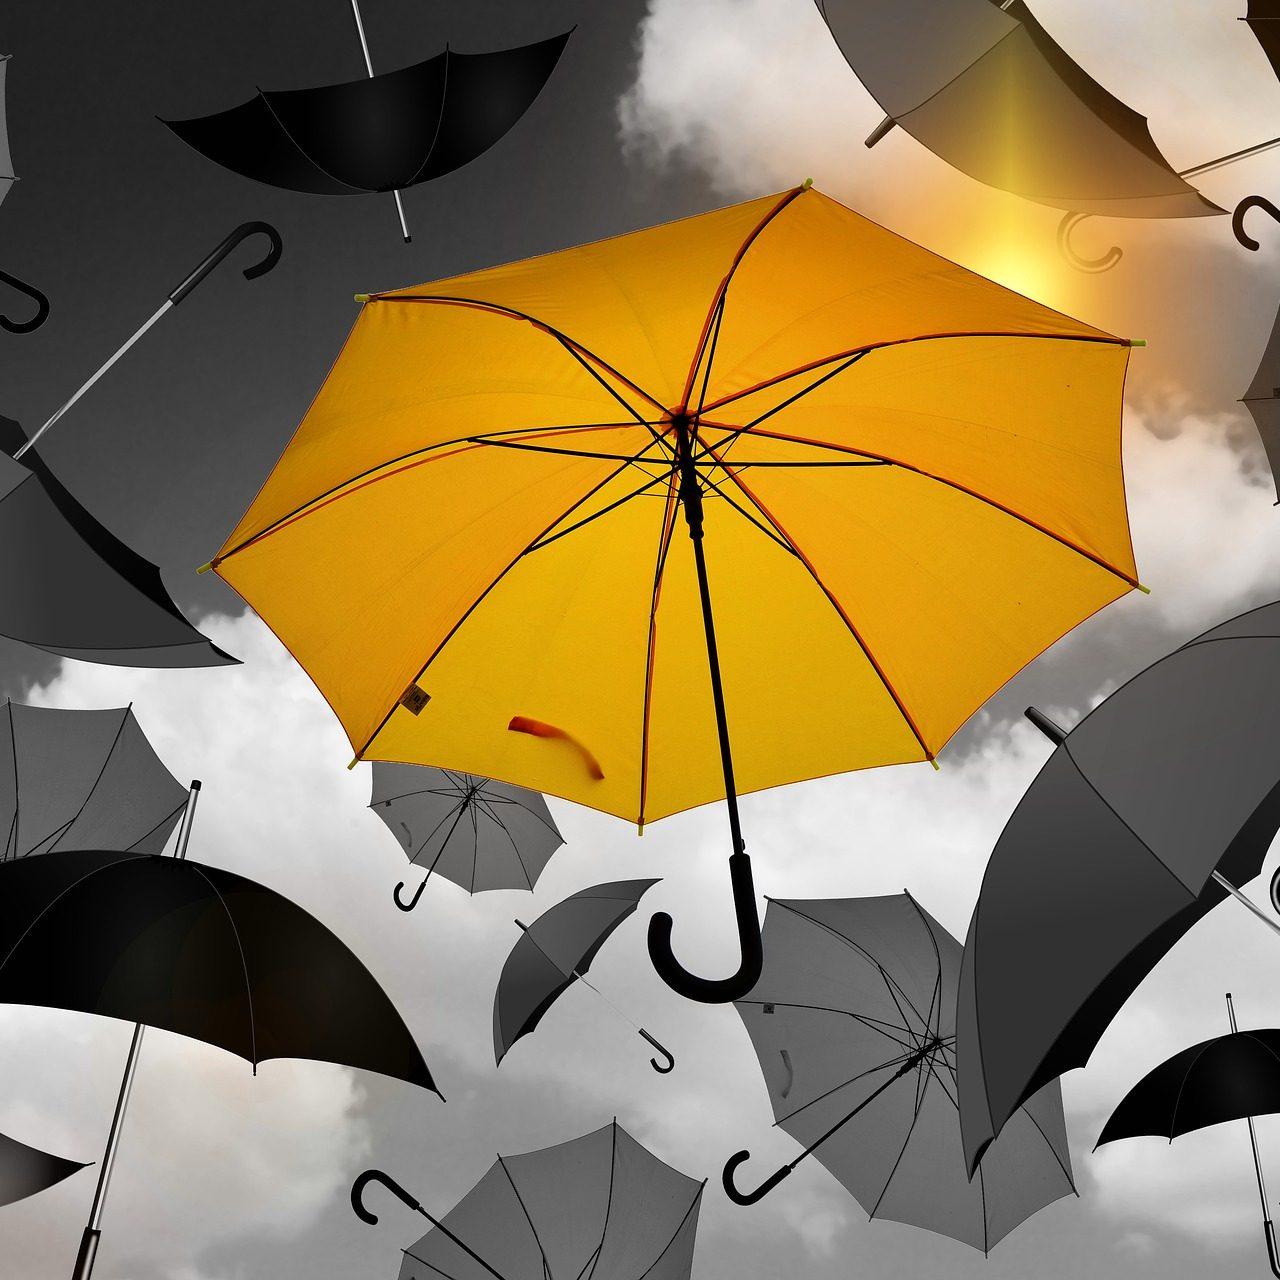 umbrella-1588167_1920 (1)